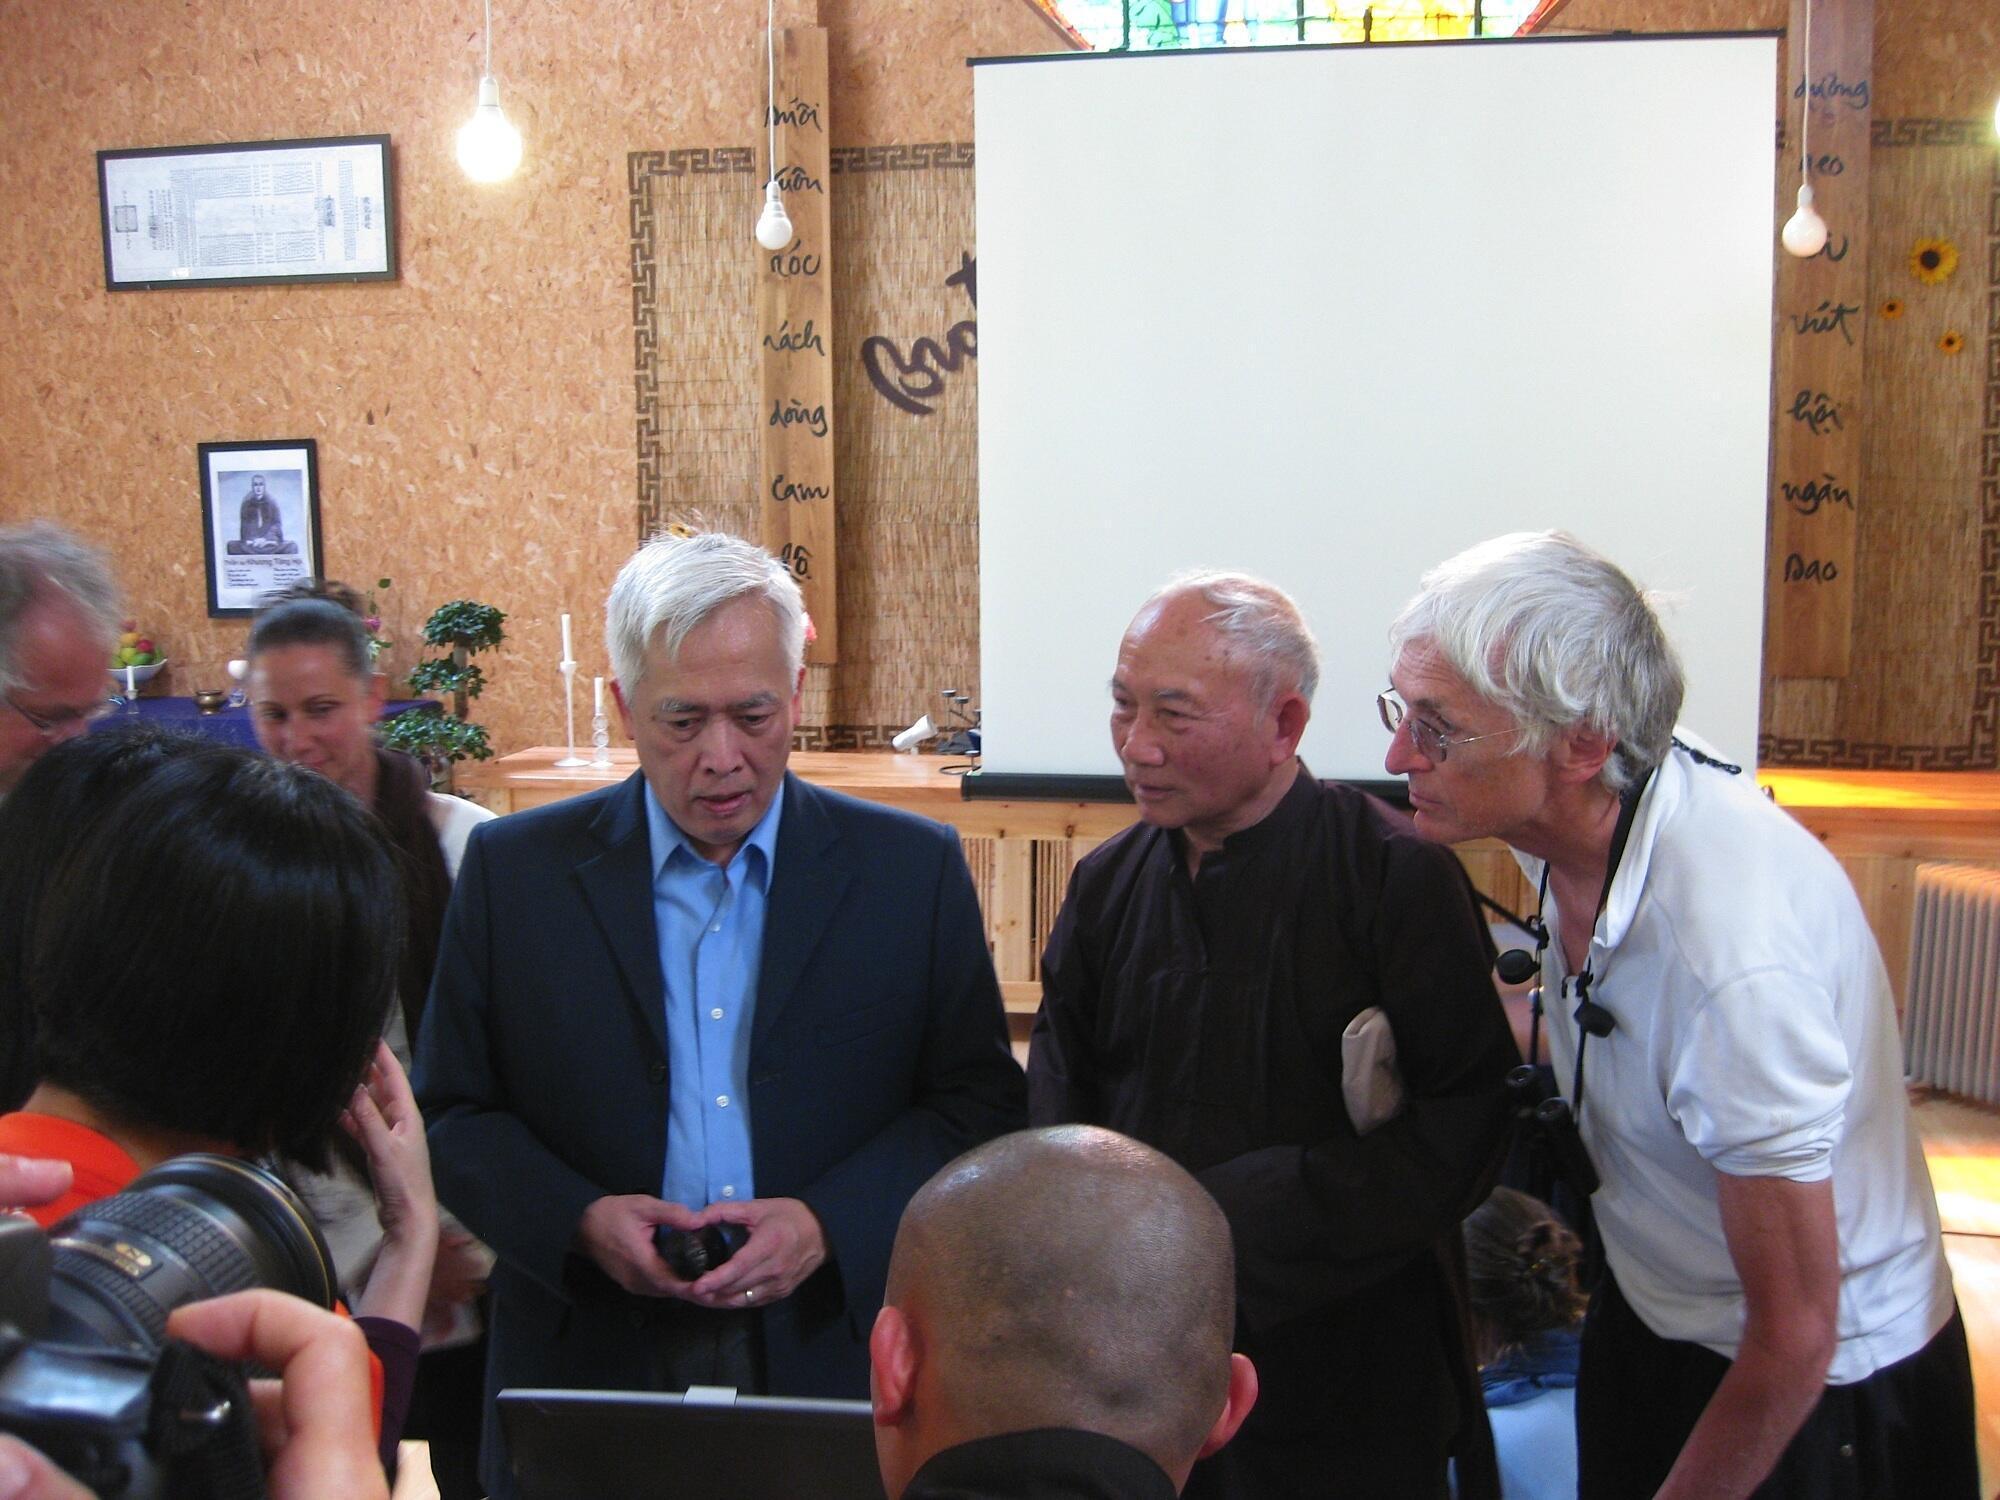 Giáo sư Trịnh Xuân Thuận nhân buổi thuyết trình về Khoa học và Phật giáo tại Làng Mai (Pháp) ngày 03/06/2012.